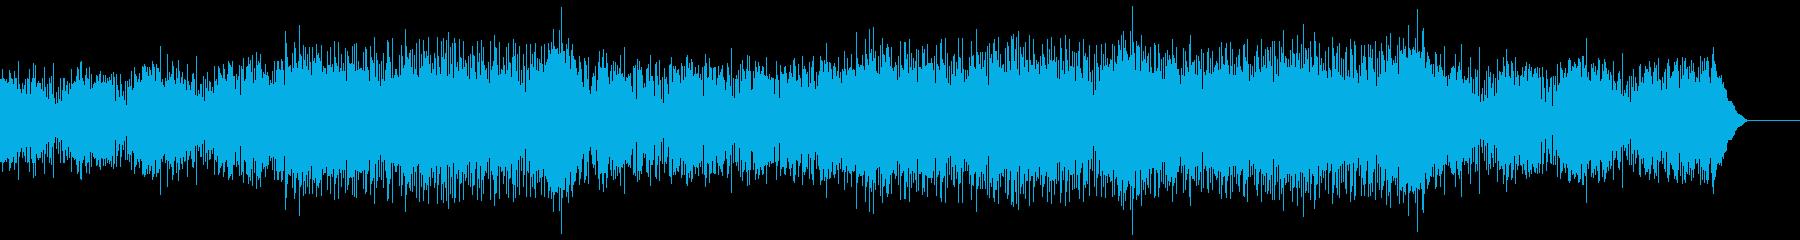 おしゃれな映像に穏やかなバーBGMジャズの再生済みの波形